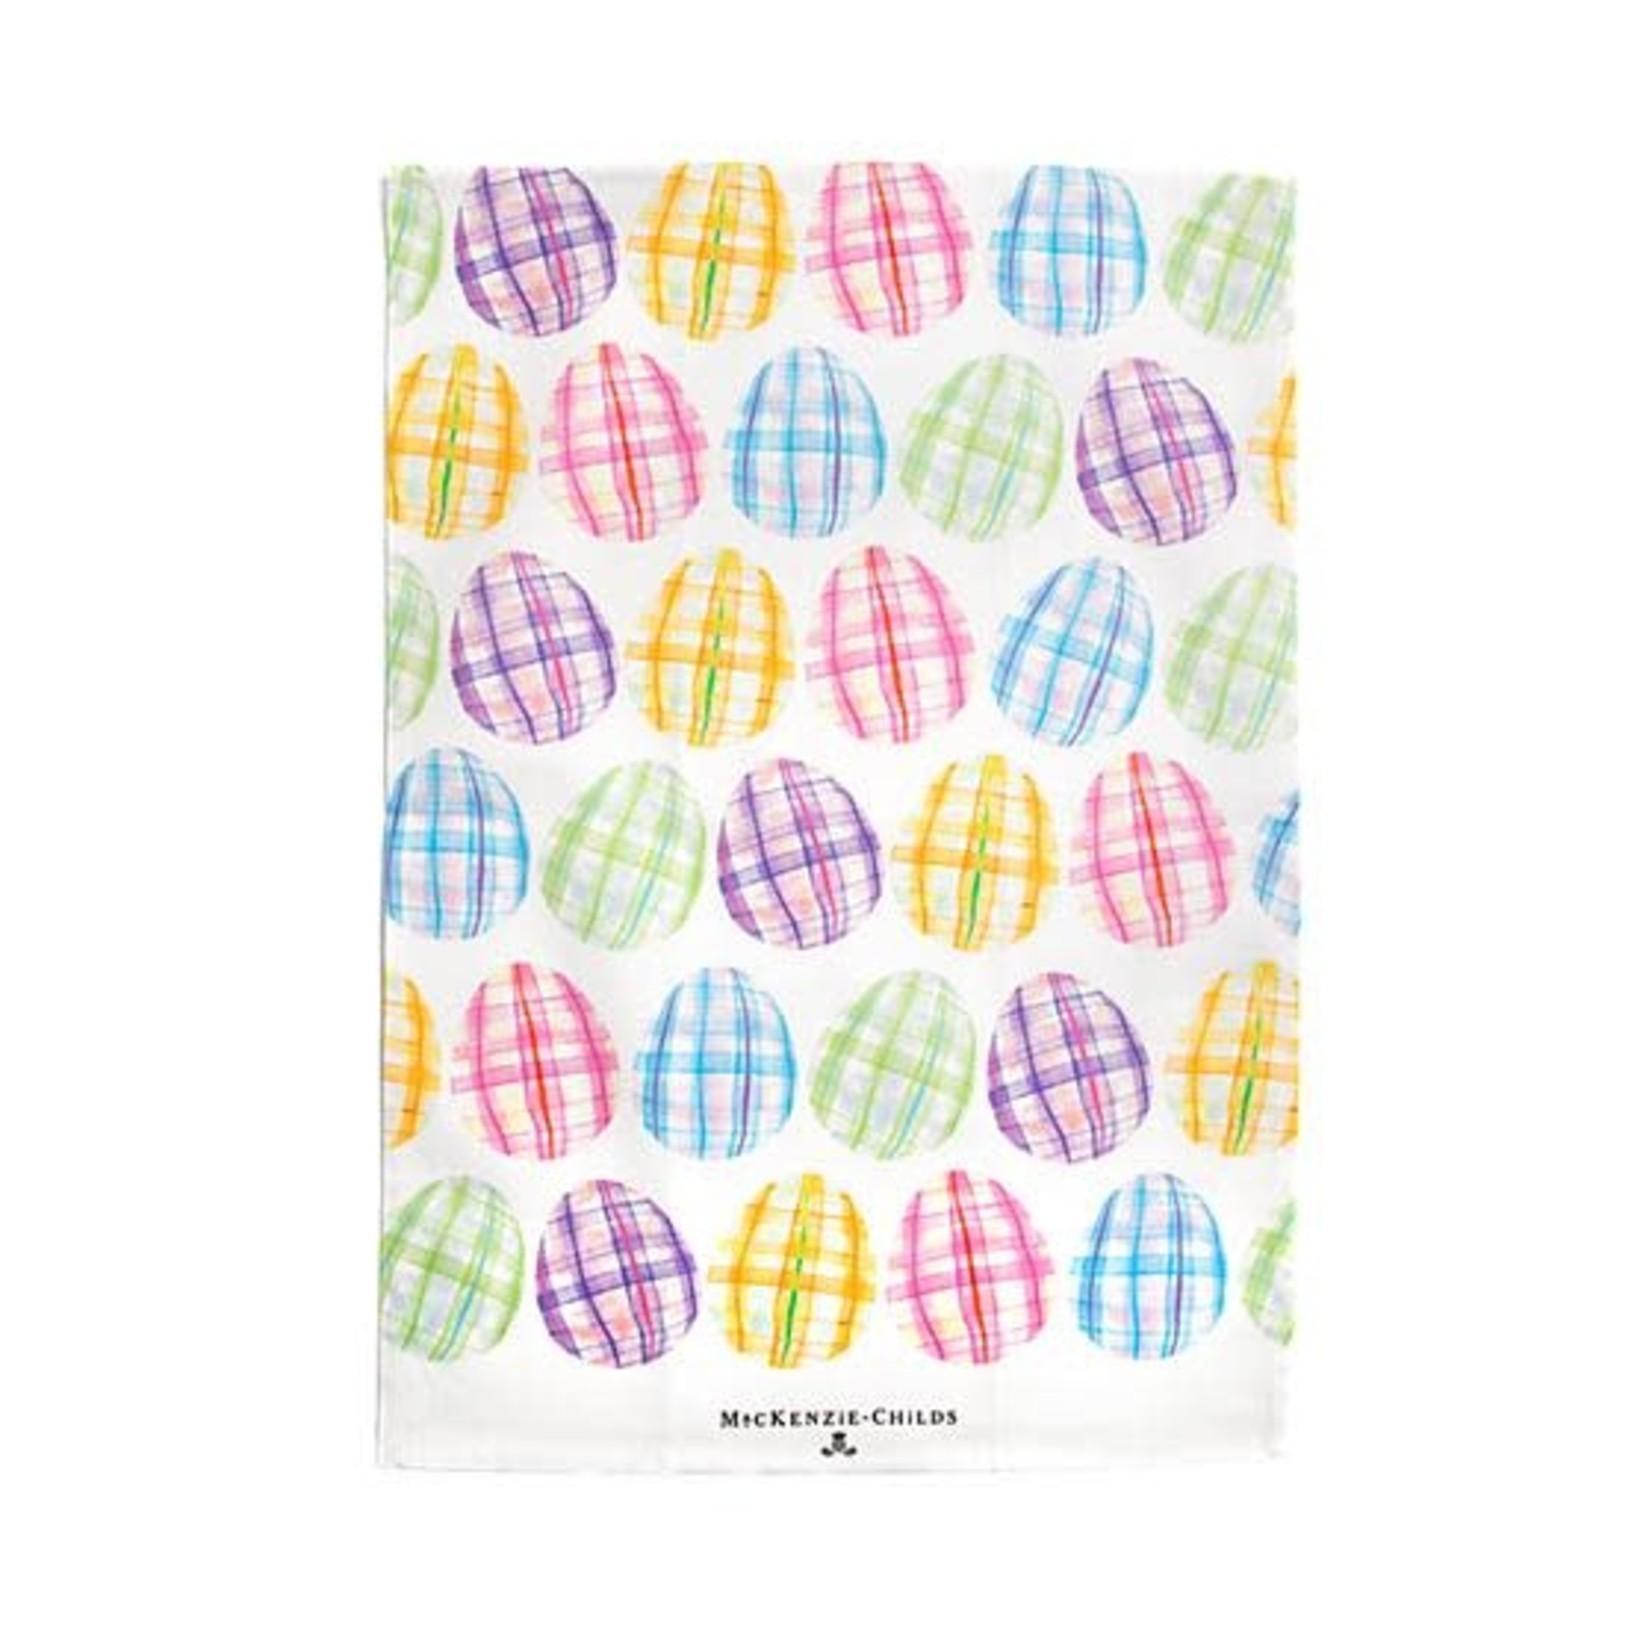 MacKenzie Childs Tartan Eggs Printed Dish Towel